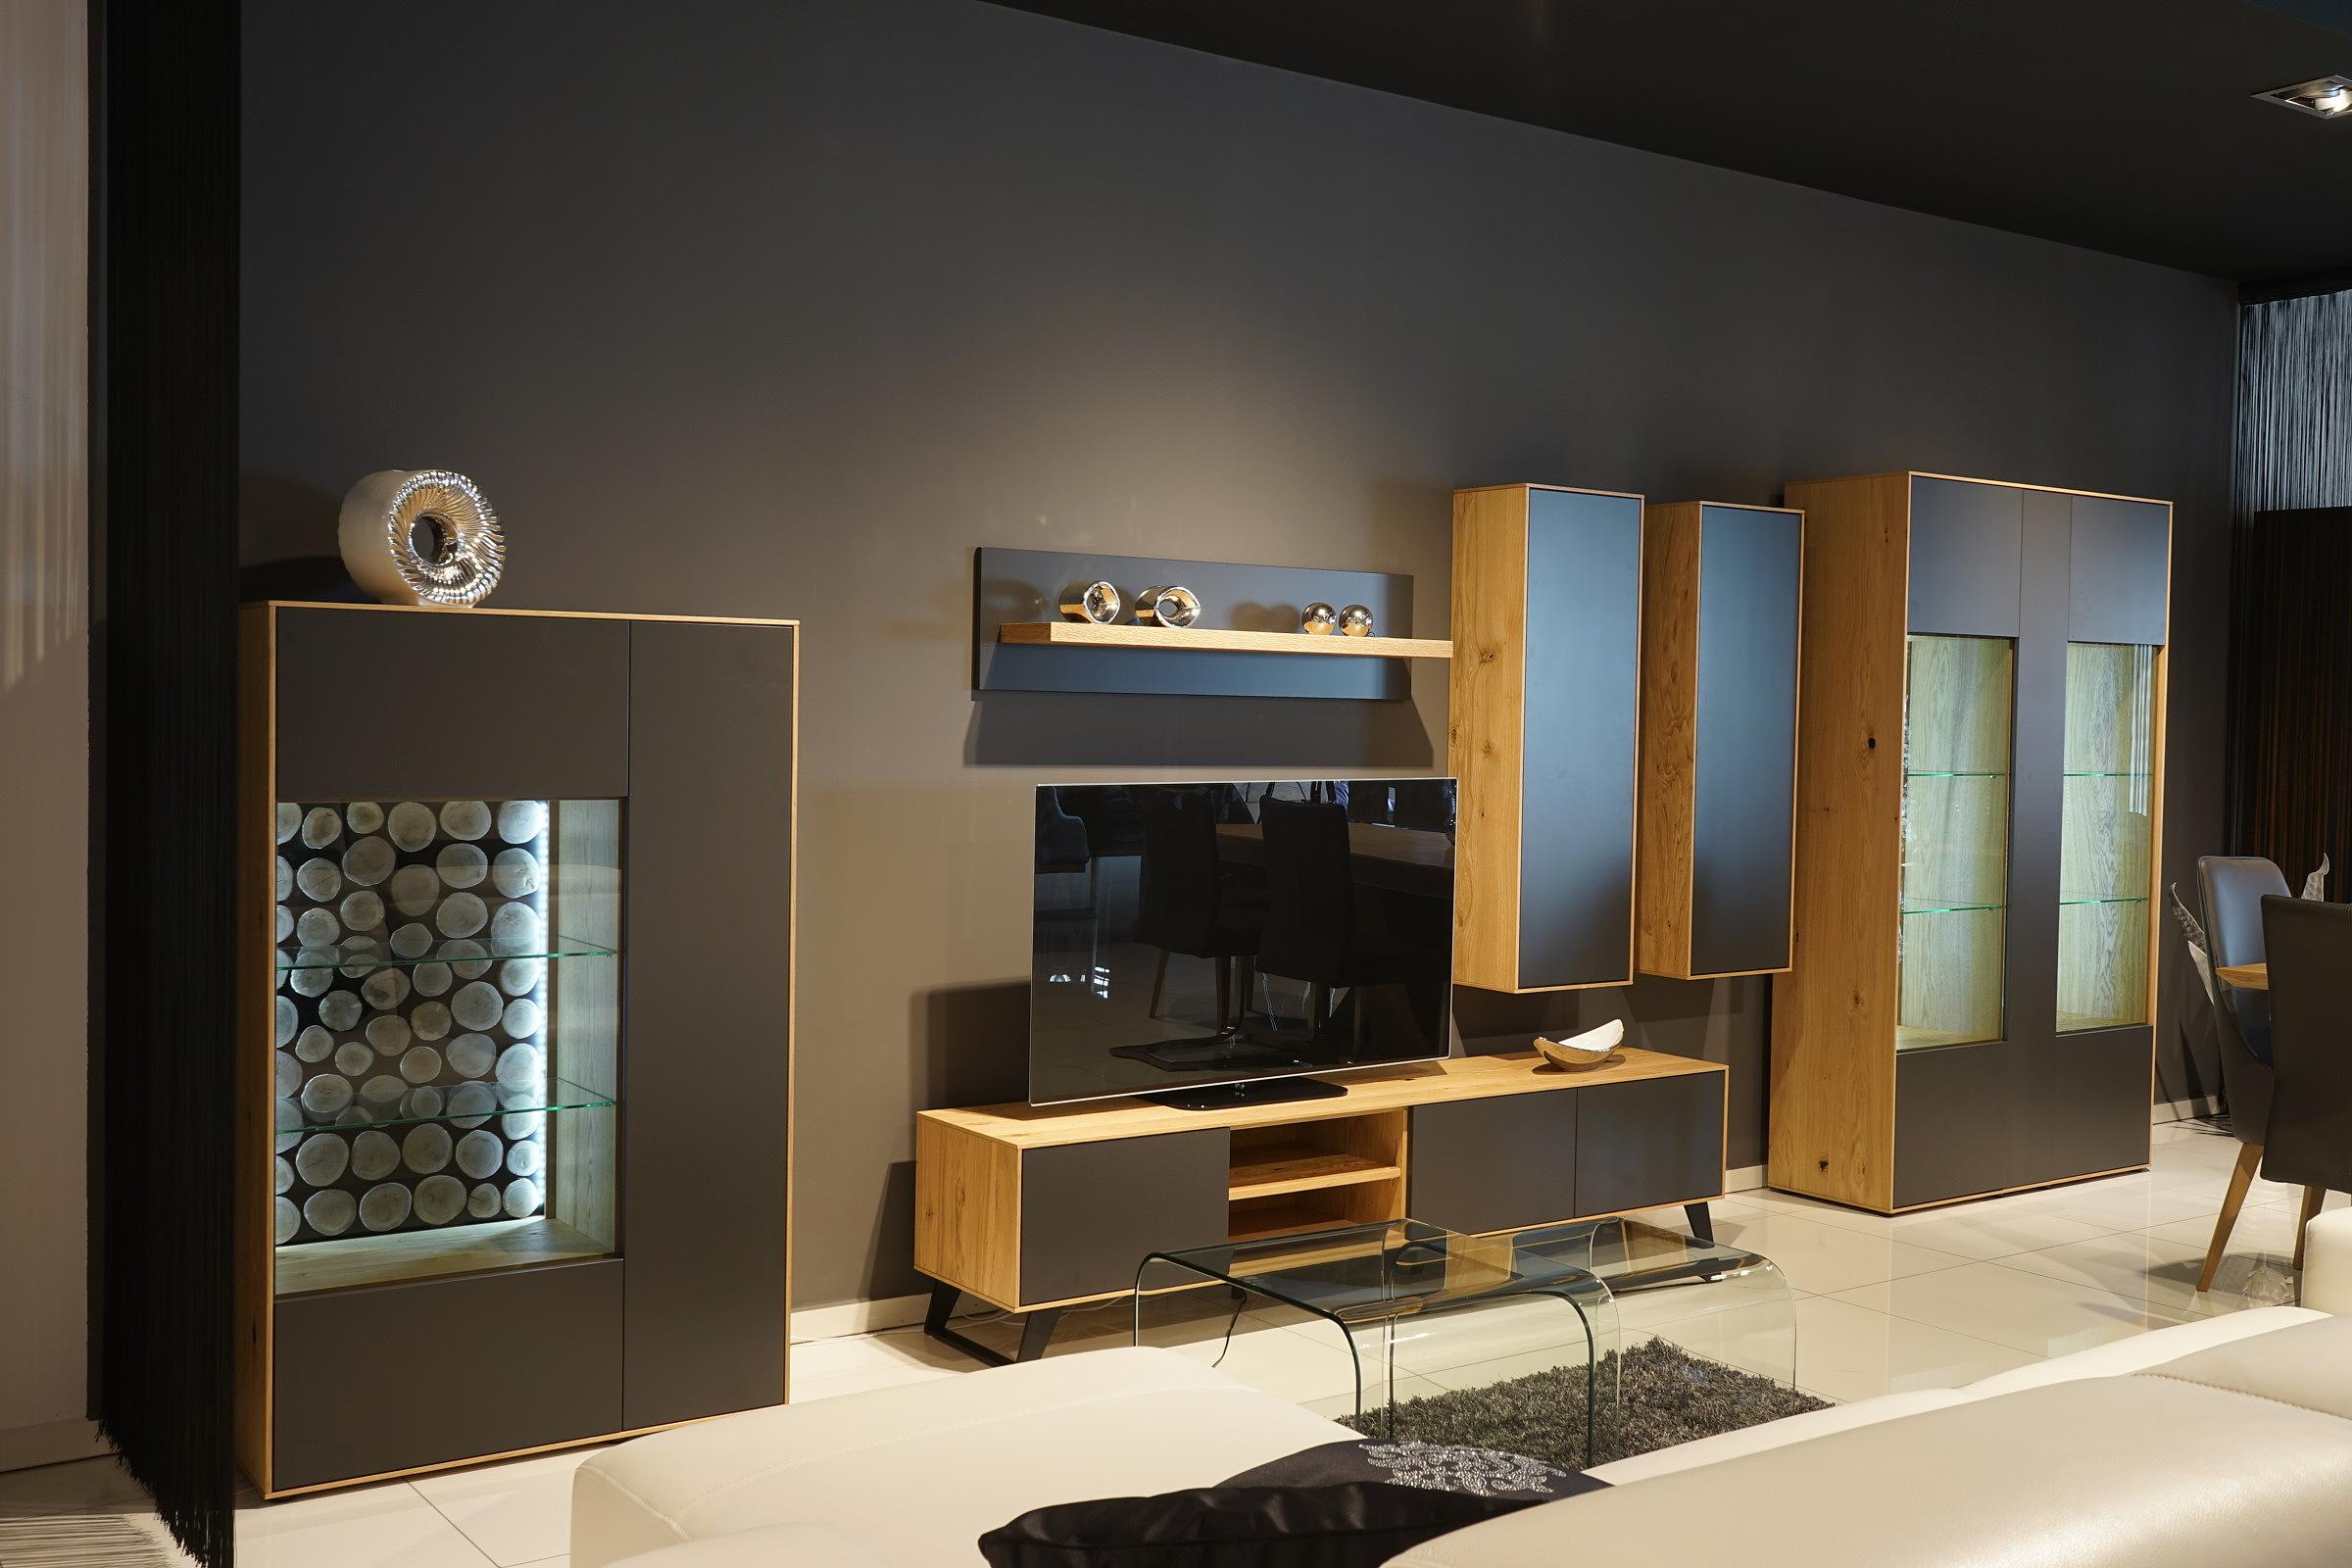 Sydney - kolekcja mebli, salon i pokój dzienny, aranżacja kompletu nowoczesnych mebli bez uchwytów